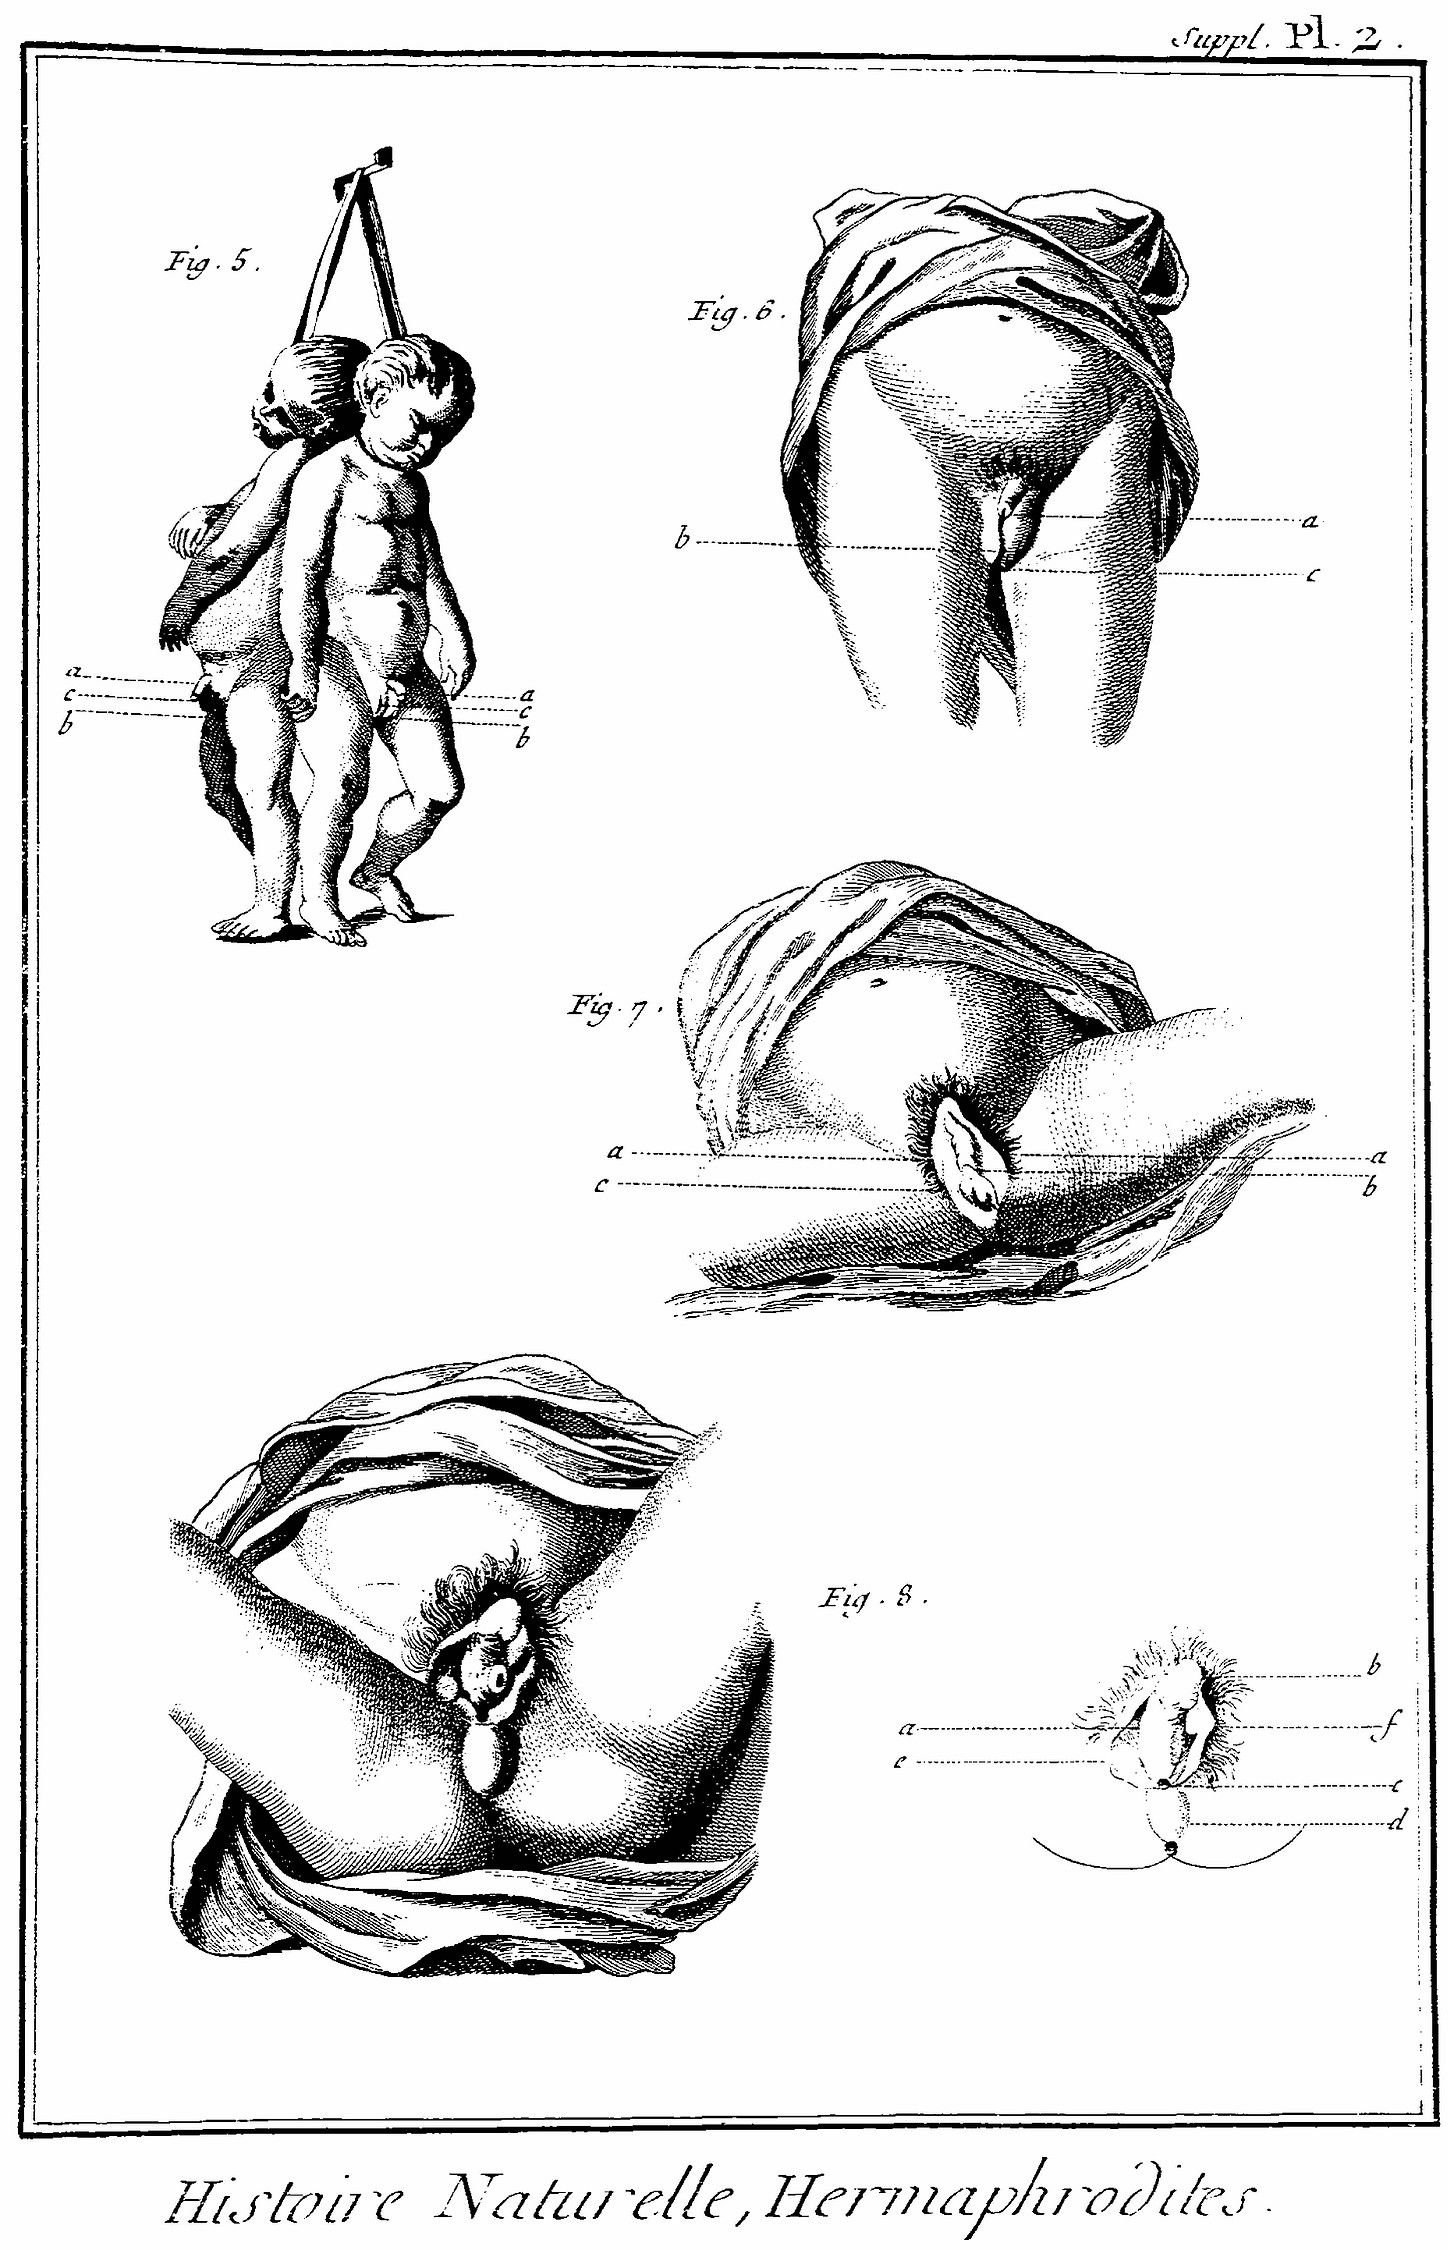 Histoire Naturelle Planche Clvii Recueil De Planches D